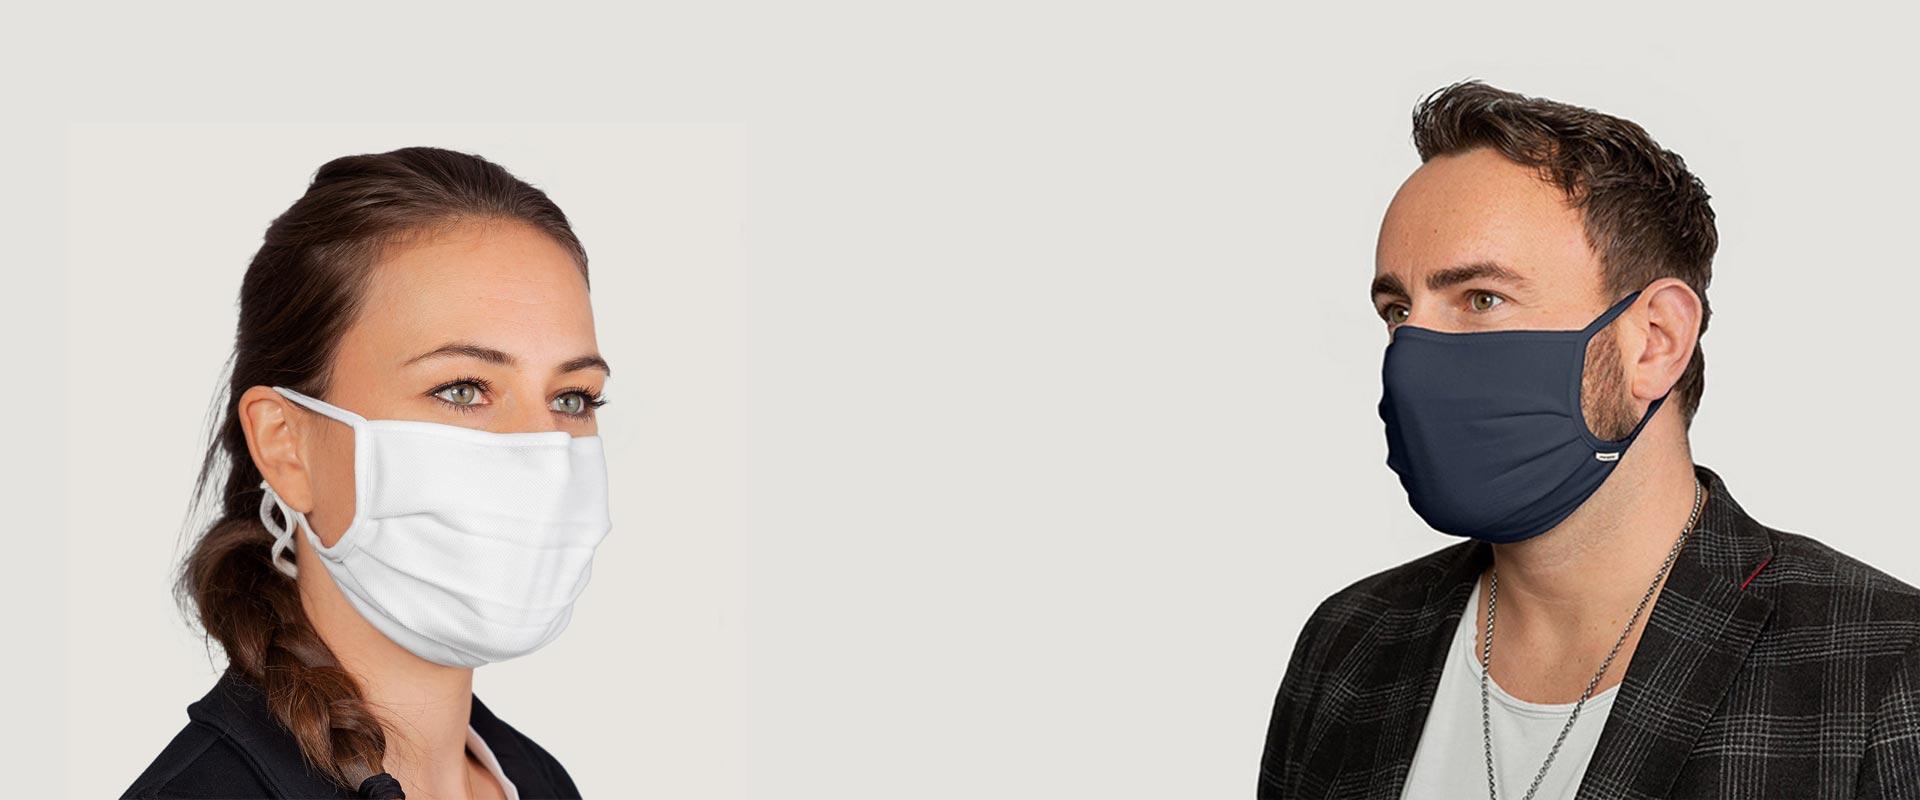 Hakro Mund Nasen Masken